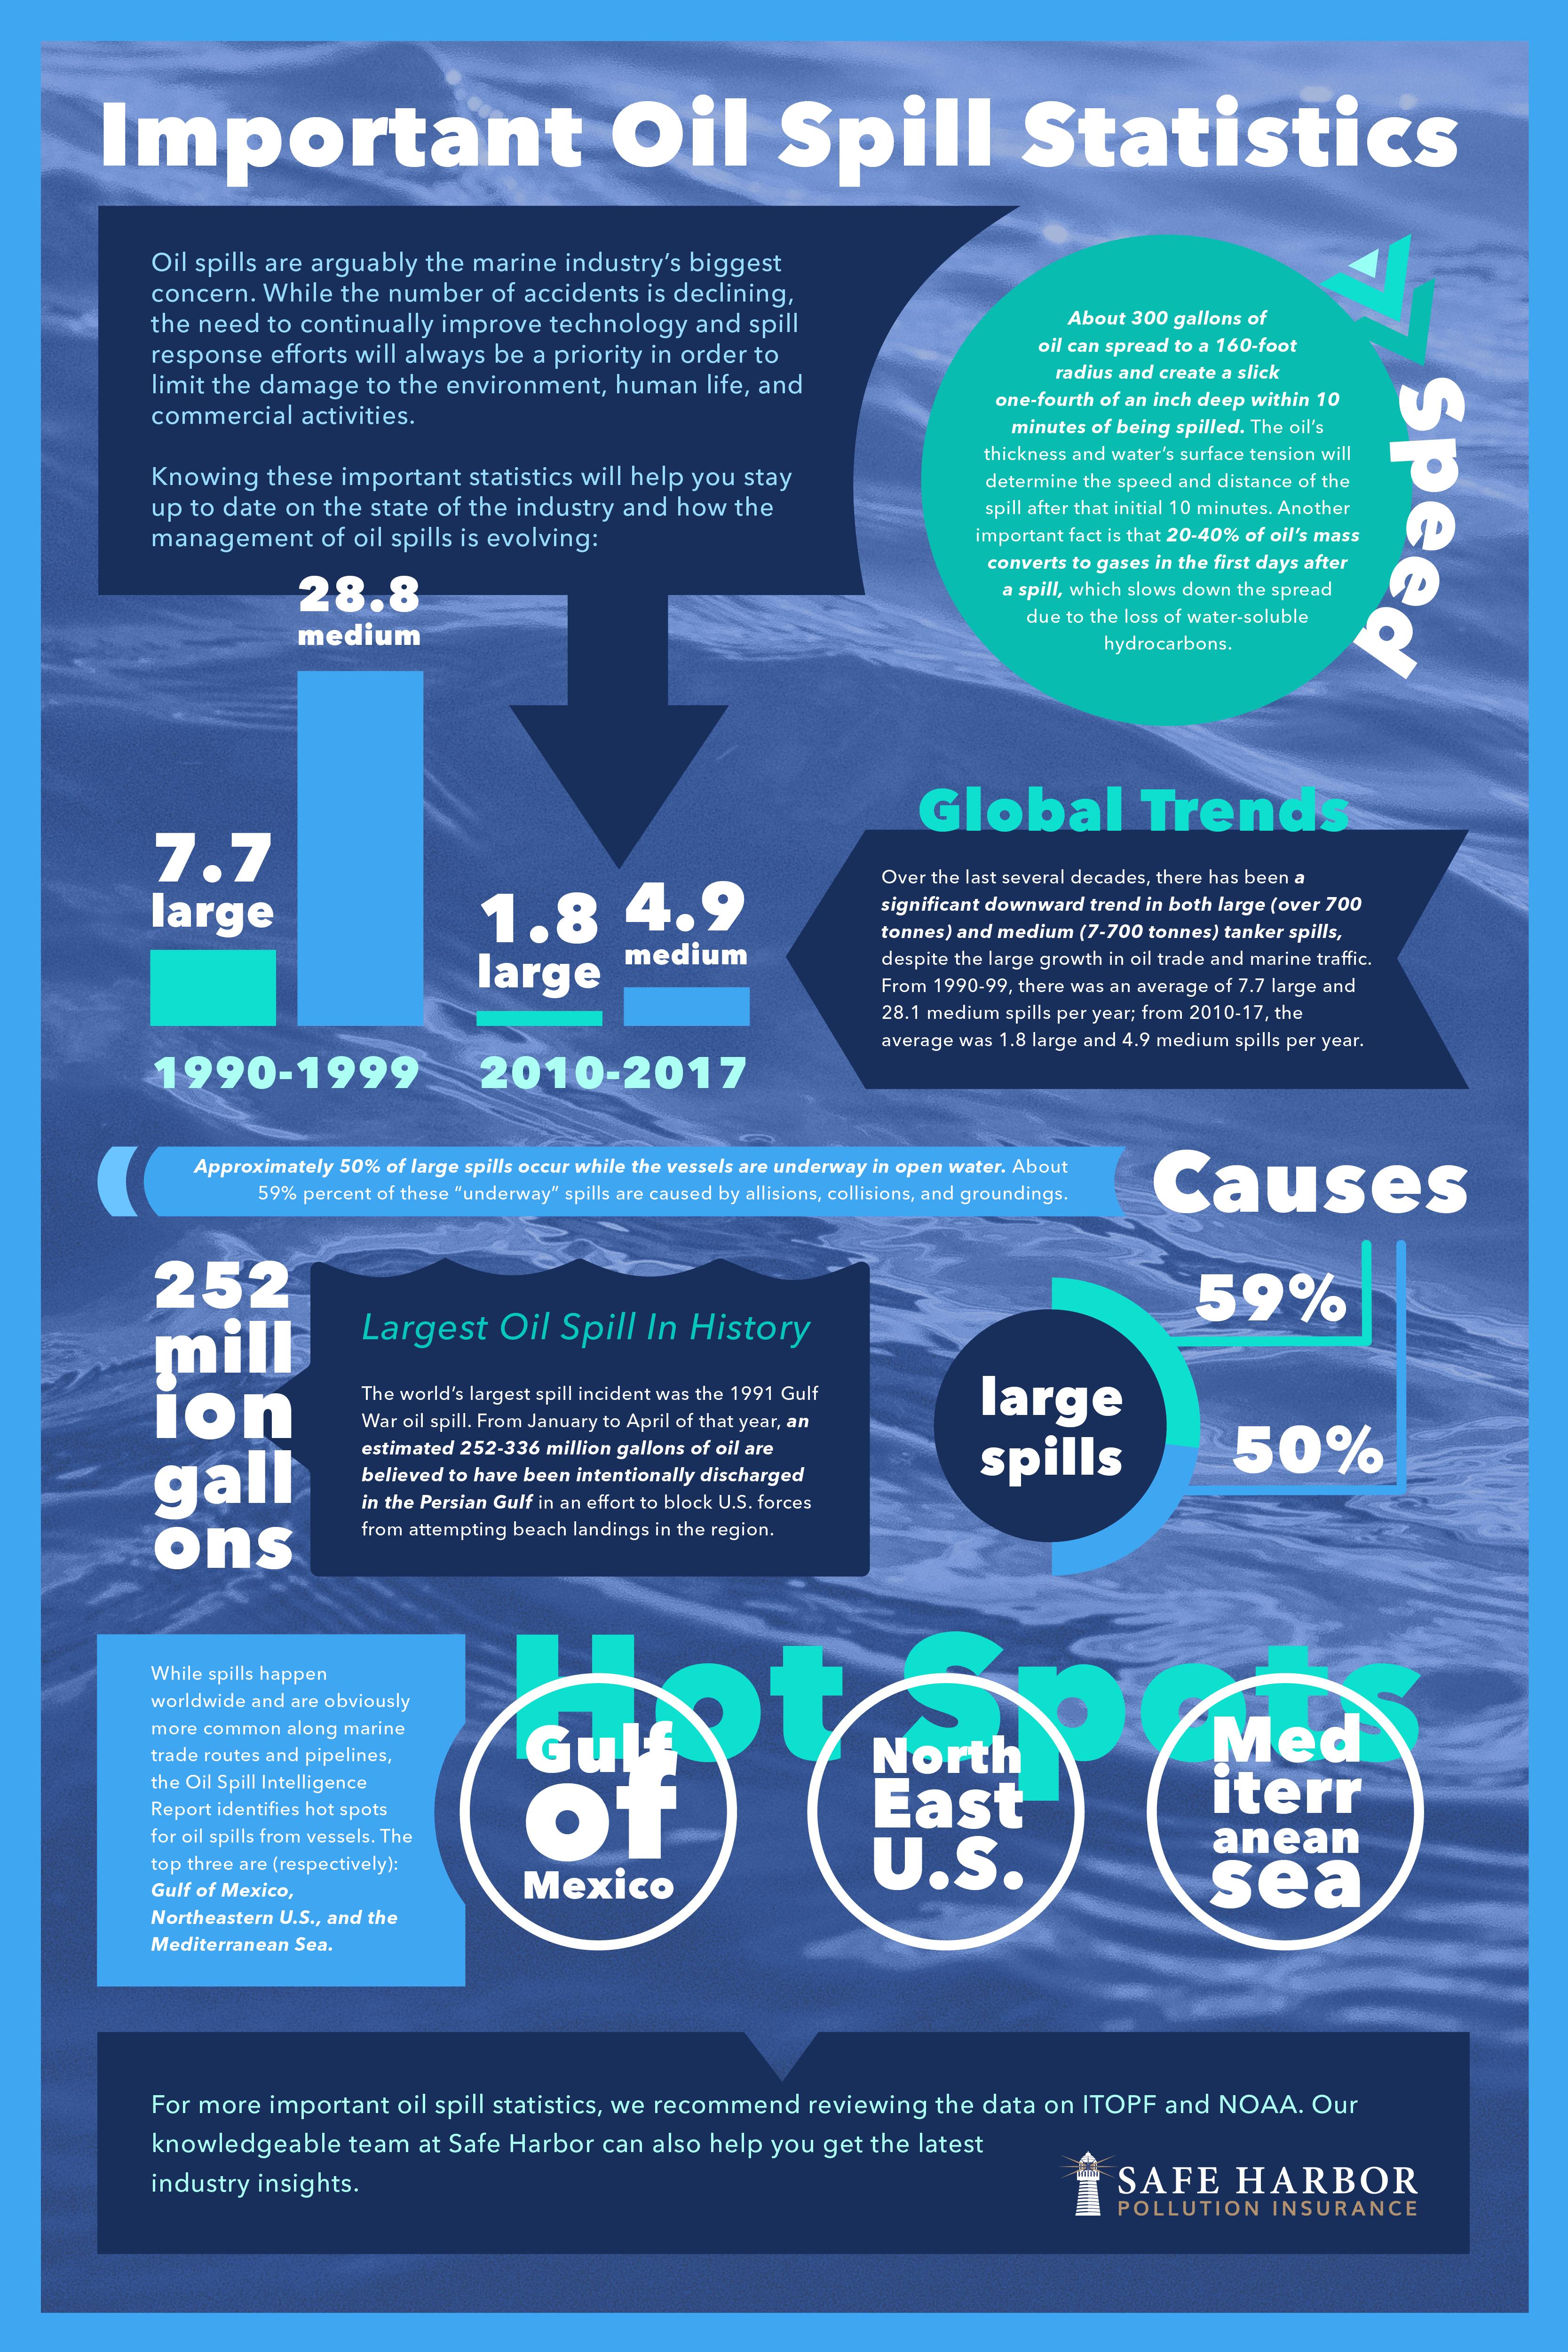 SHPI_Infographic_OilSpillStatistics_2-01